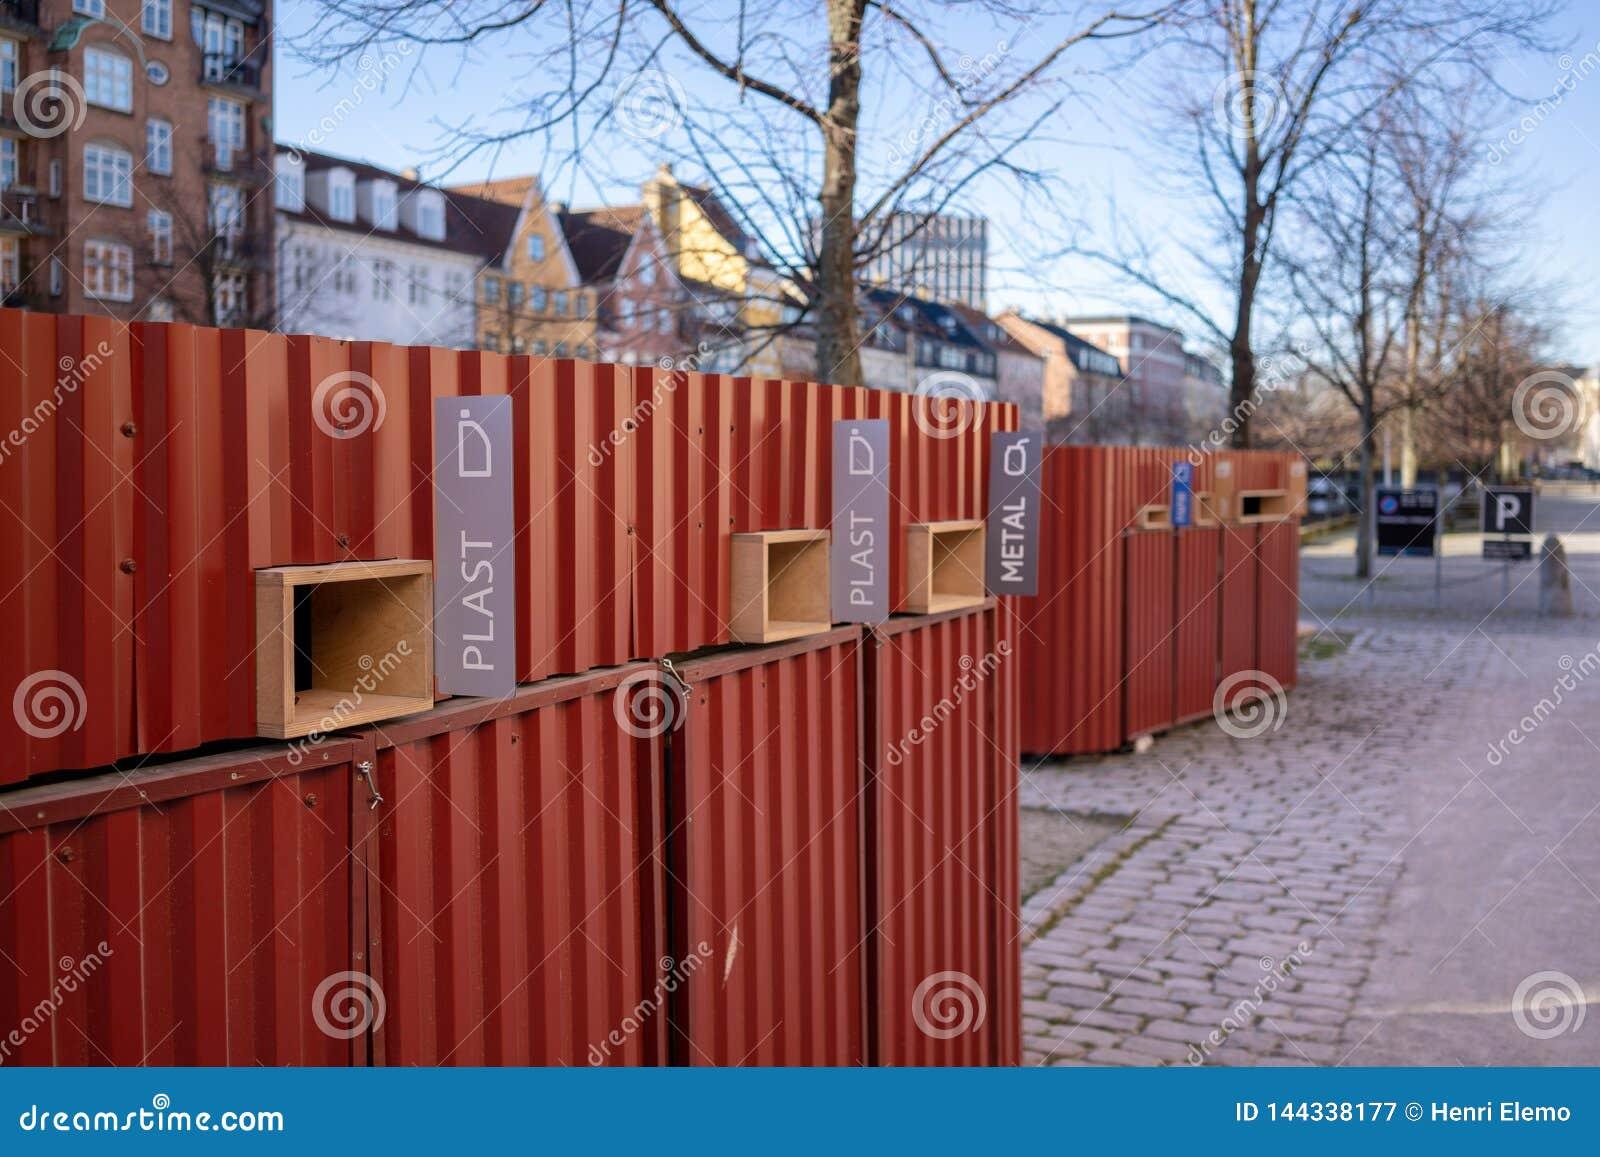 Kopenhagen, Denemarken - April 1, 2019: Afvalbak voor gemengd afval naast een kanaal in Christianshavn in Kopenhagen